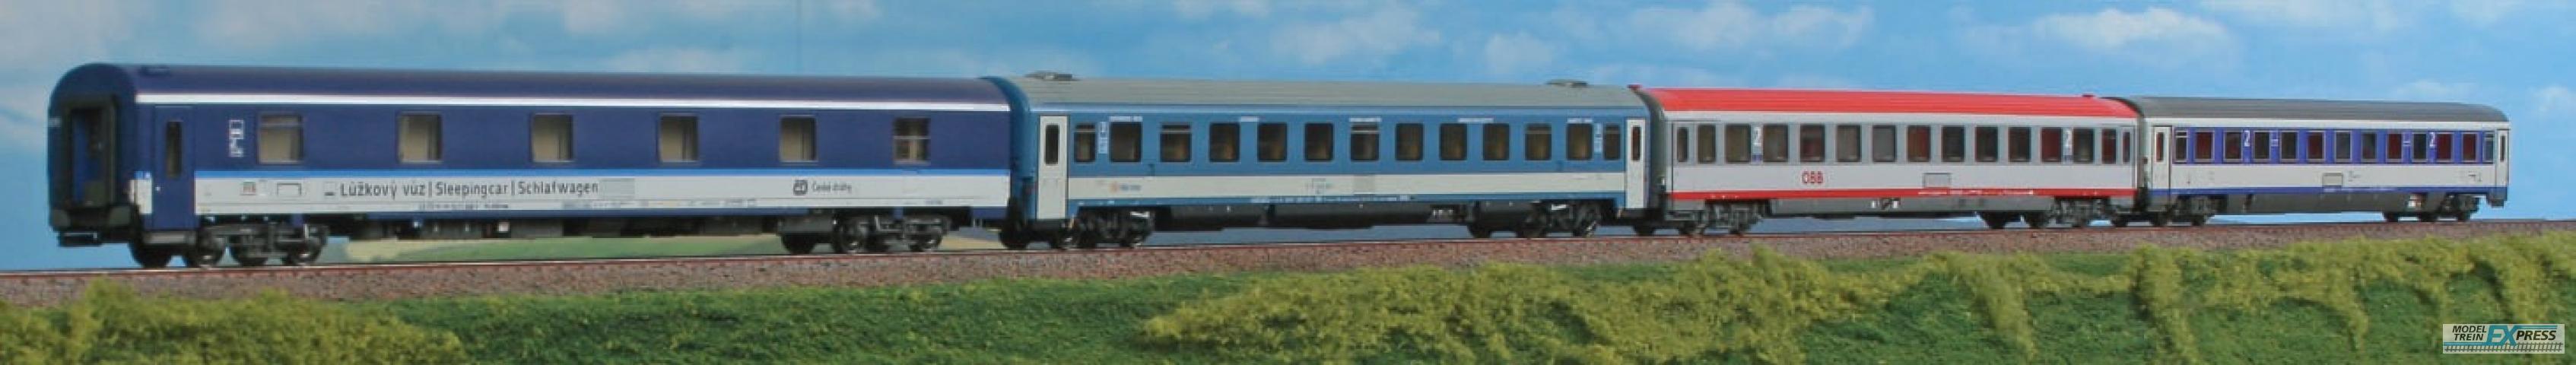 ACME 55119